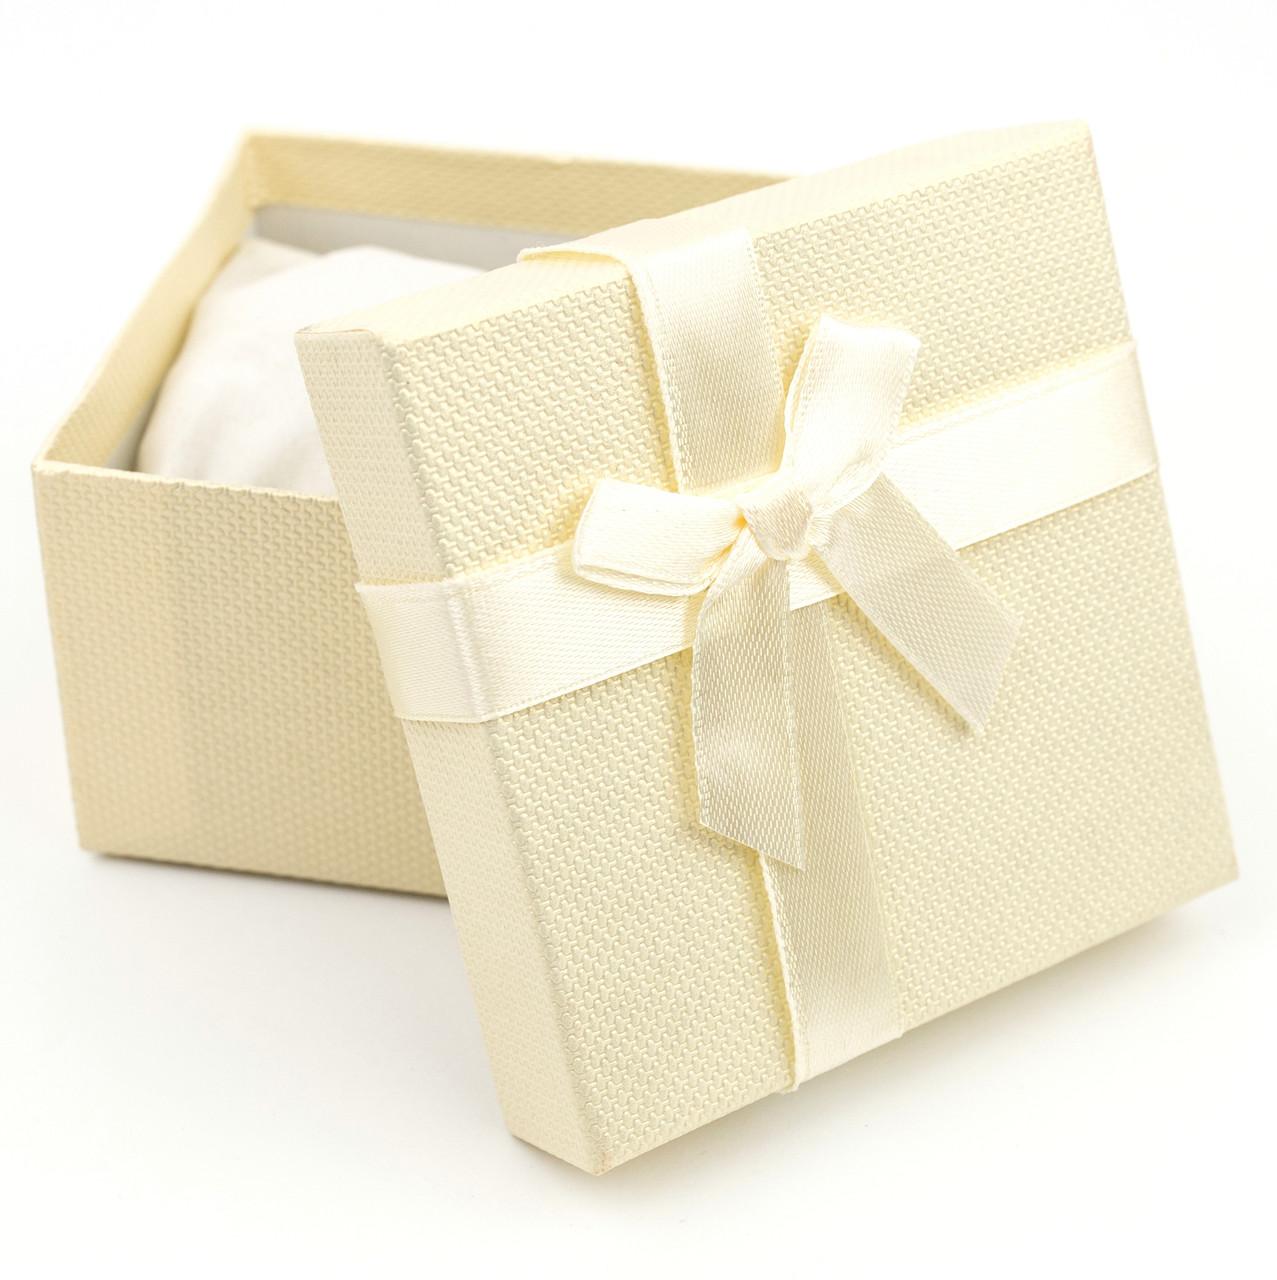 Подарочная коробка для часов или браслета желтая 9 x 9 x 6 см